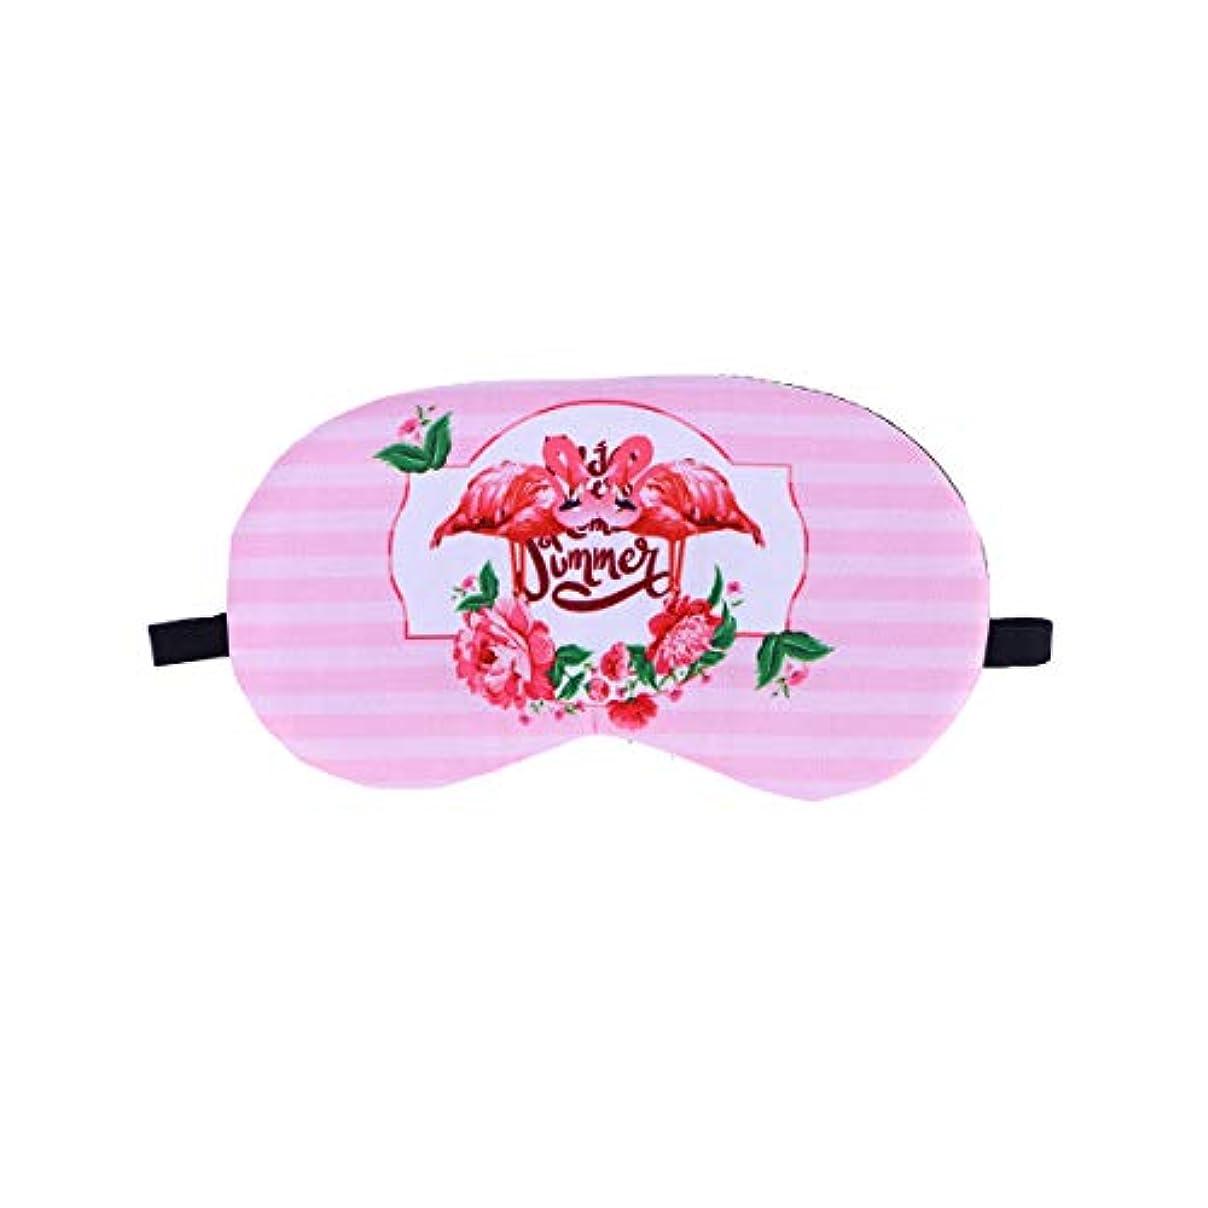 旅客特殊衣服SUPVOX フラミンゴアイマスク動物睡眠トラベリング目隠しアイカバー(ピンク)